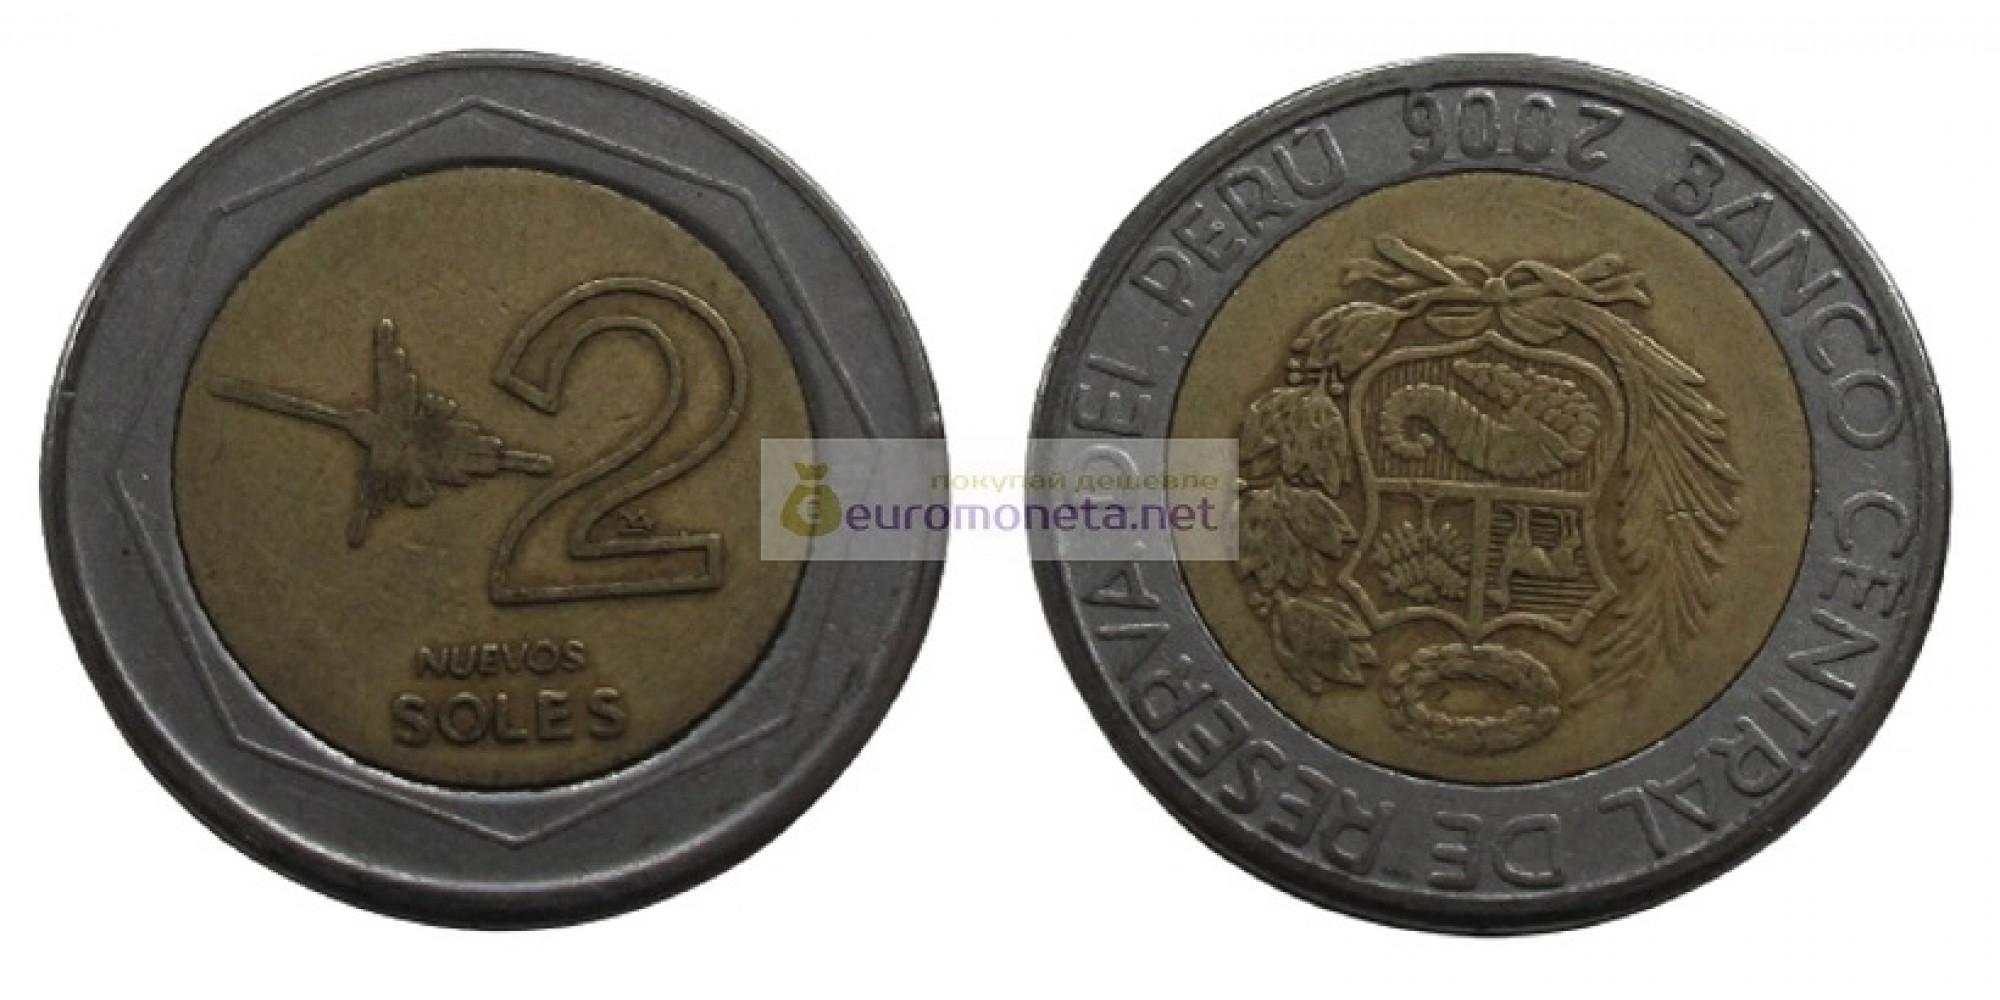 Перу 2 новых соля 2006 год. биметалл